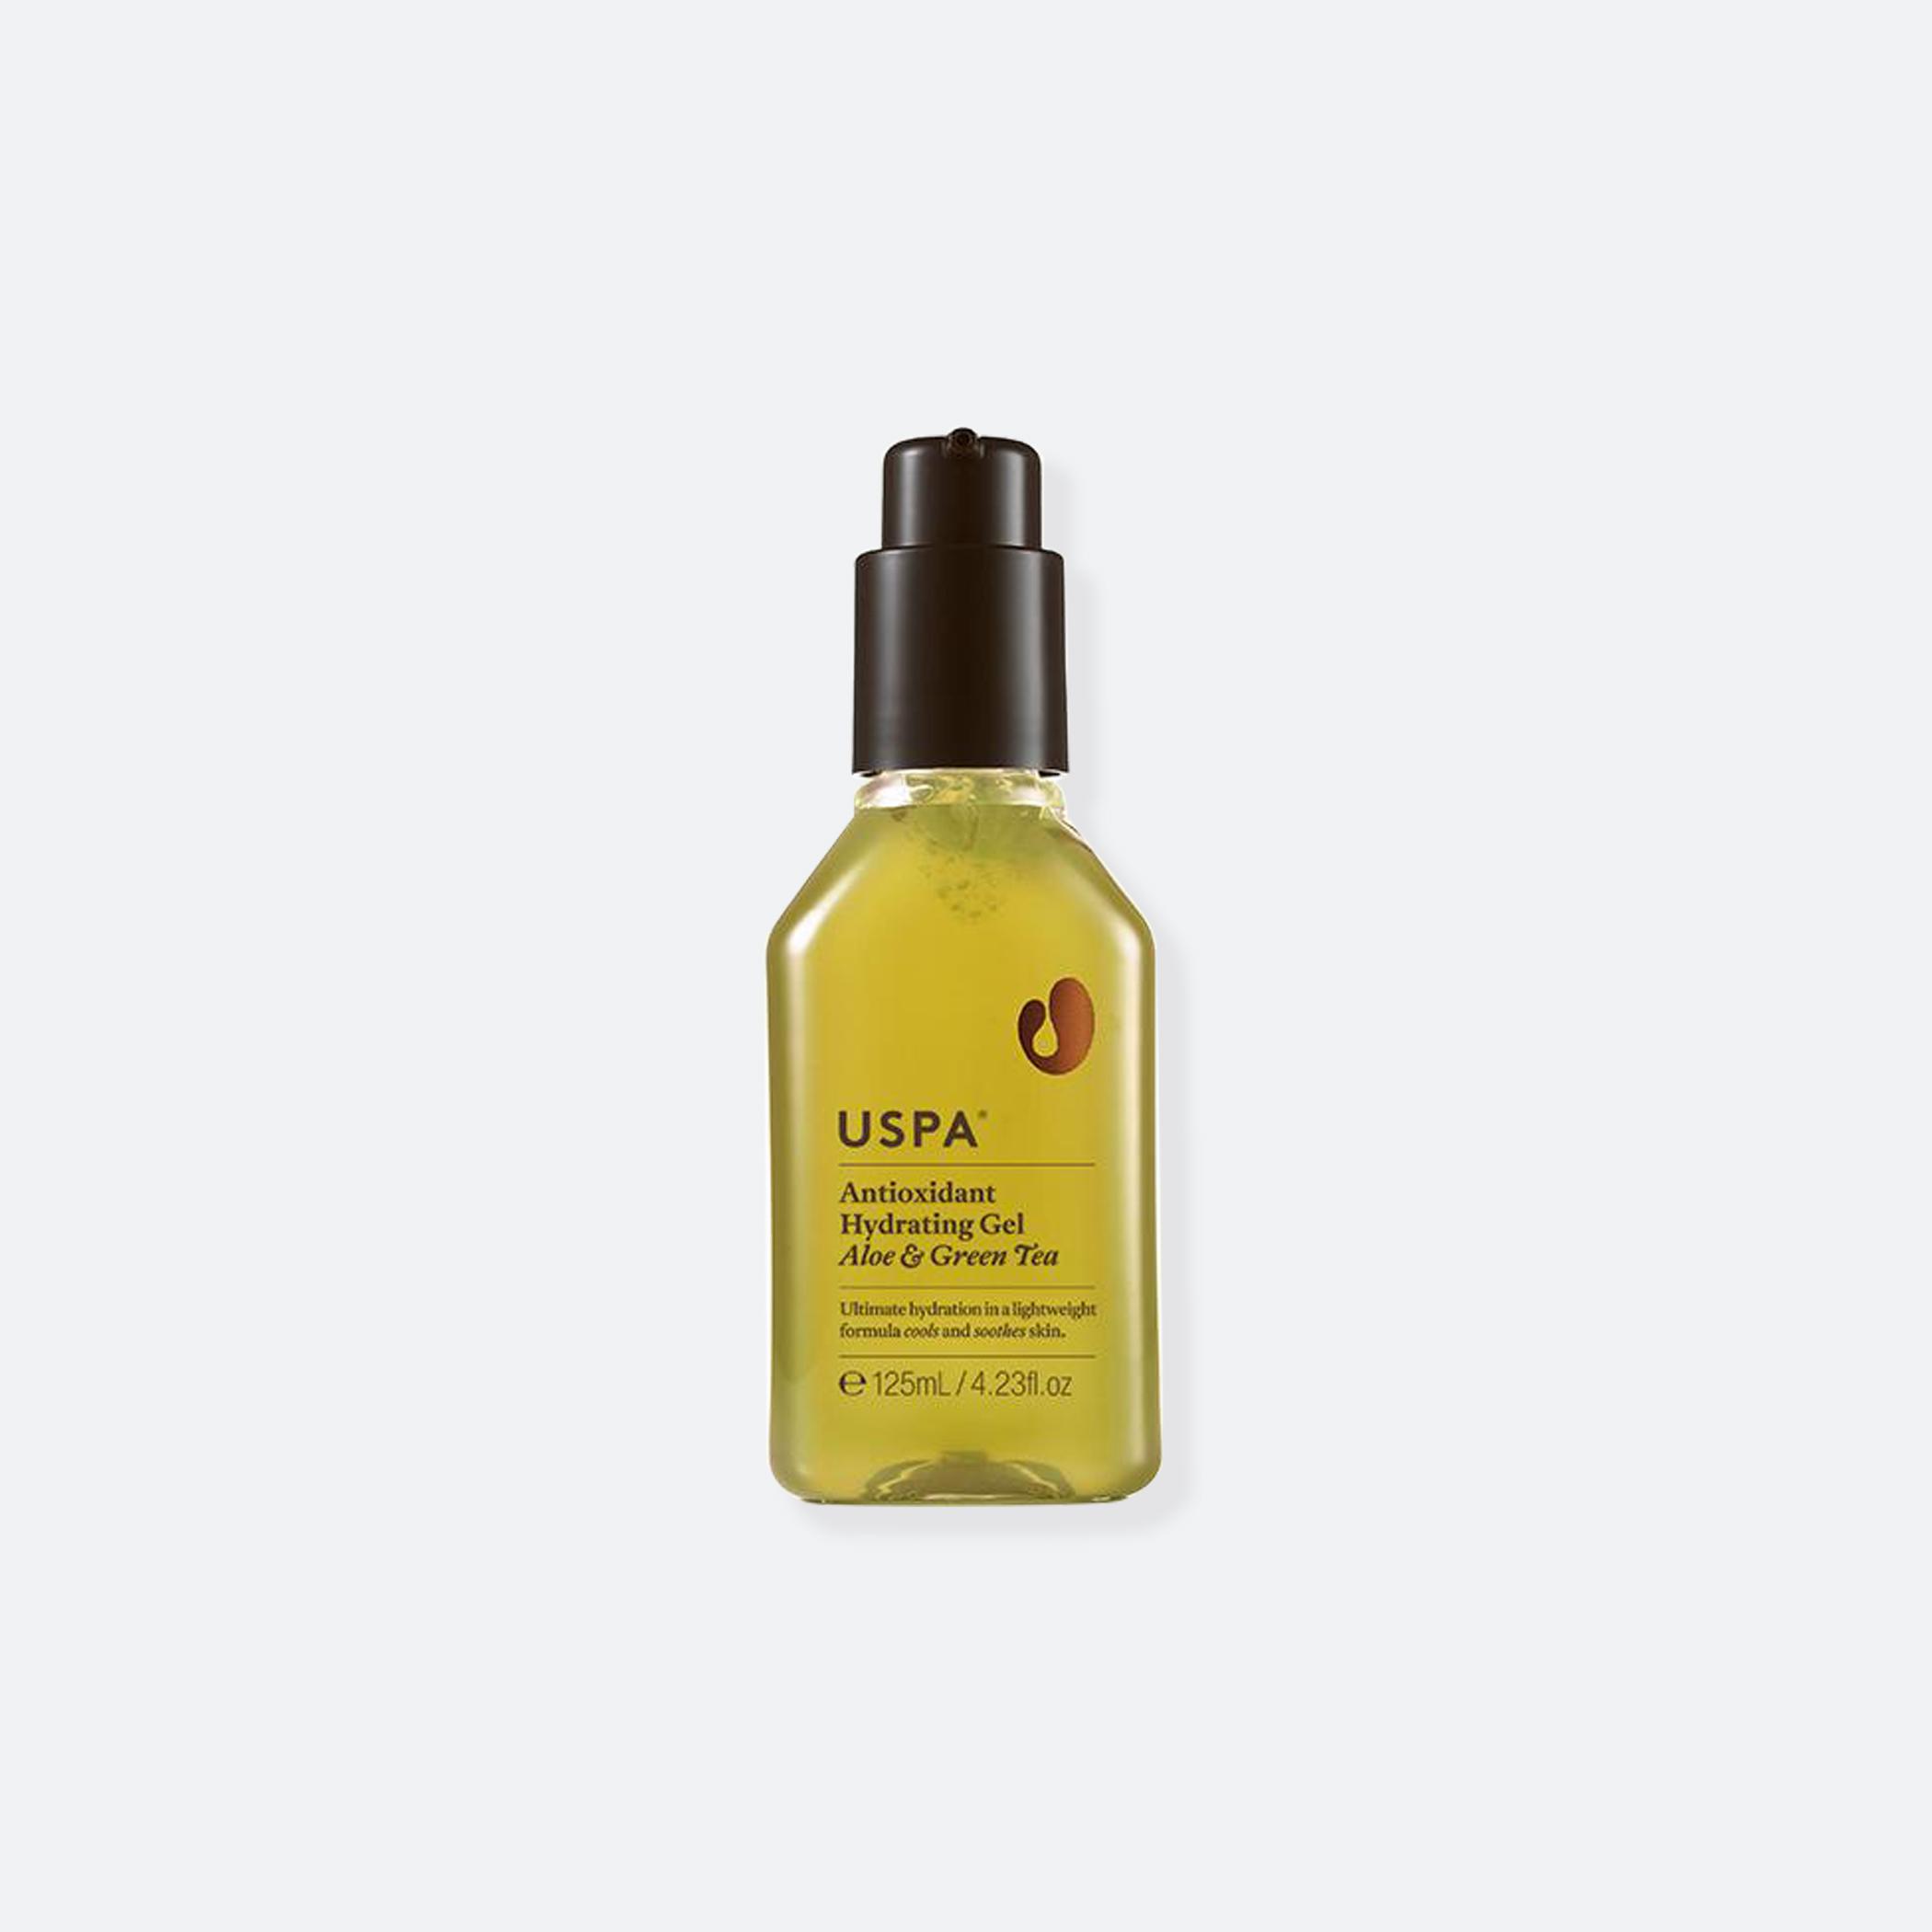 OhMart USPA Antioxidant Hydrating Gel 1